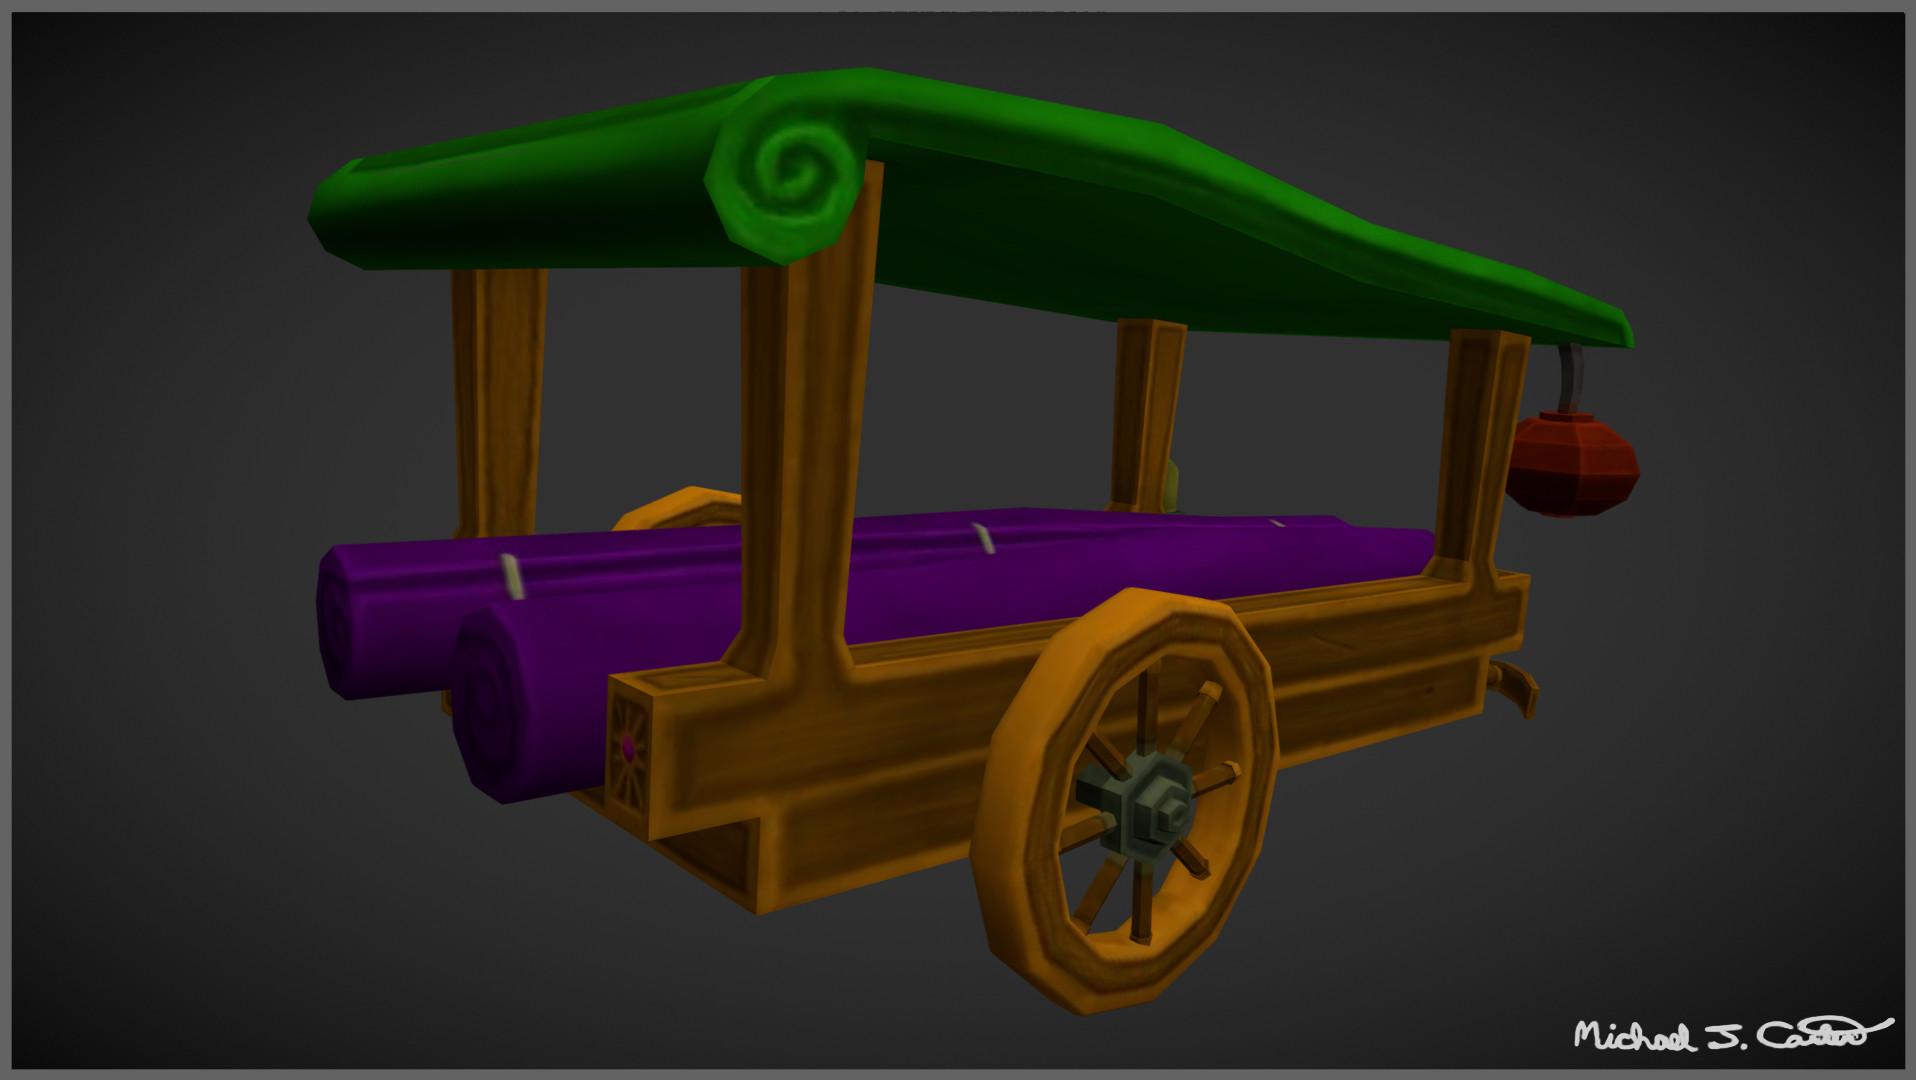 Michael jake carter mcarter fantasy chinese silk trader wagon back image